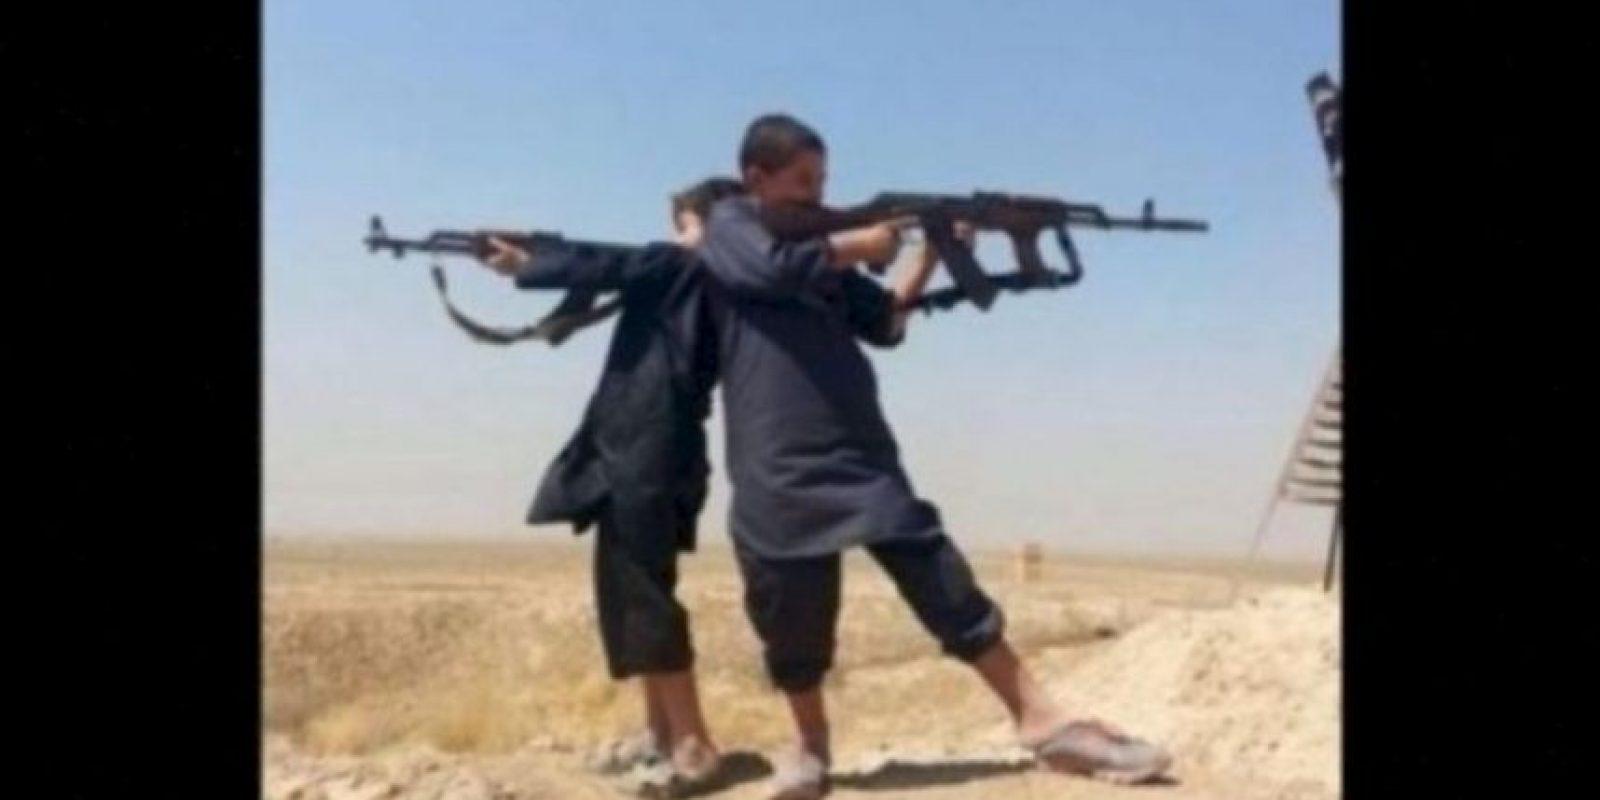 """""""Reclutar o alistar a los menores de 15 años es un crimen de guerra"""", de acuerdo a un informe de la Organización de las Naciones Unidas (ONU), publicado en agosto pasado. Foto:Twitter.com – Archivo"""